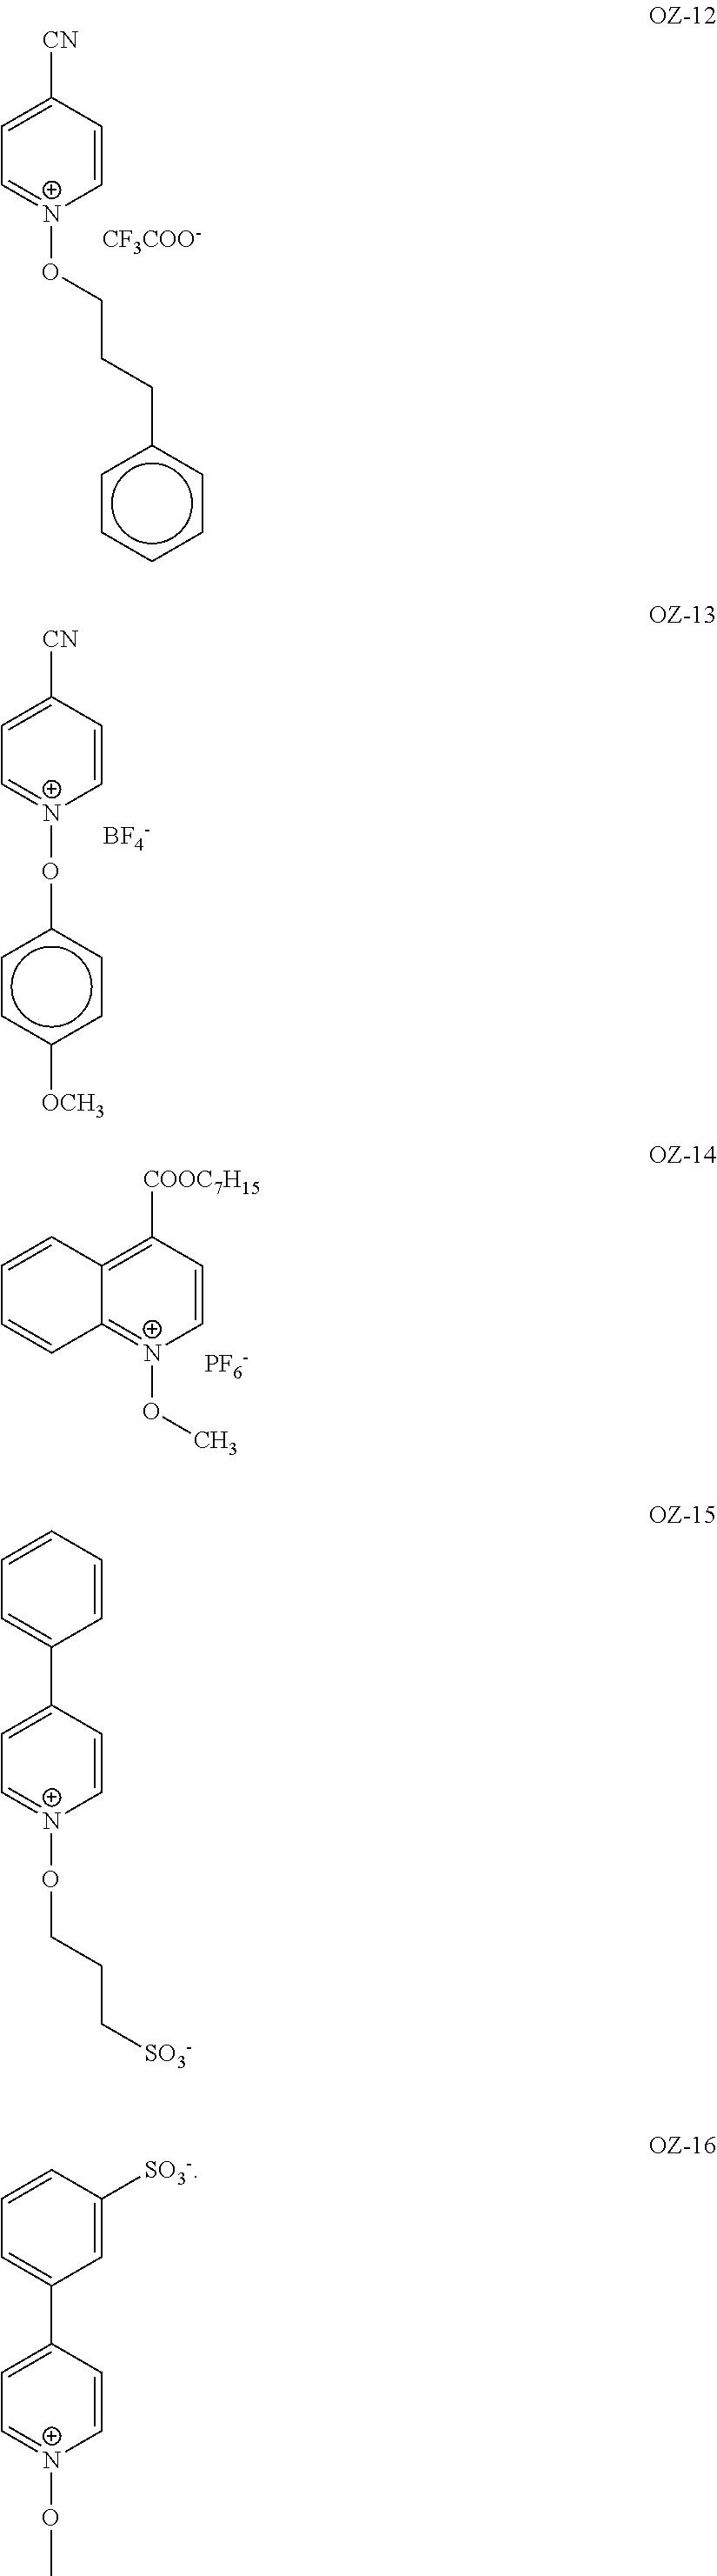 Figure US08399533-20130319-C00051